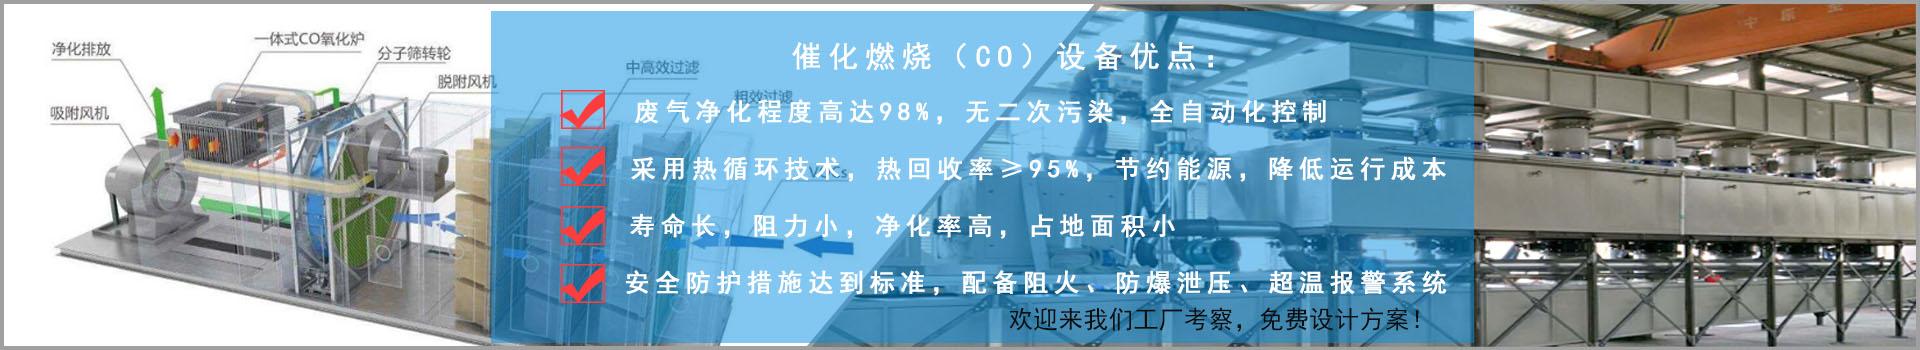 催化燃烧(CO)设备